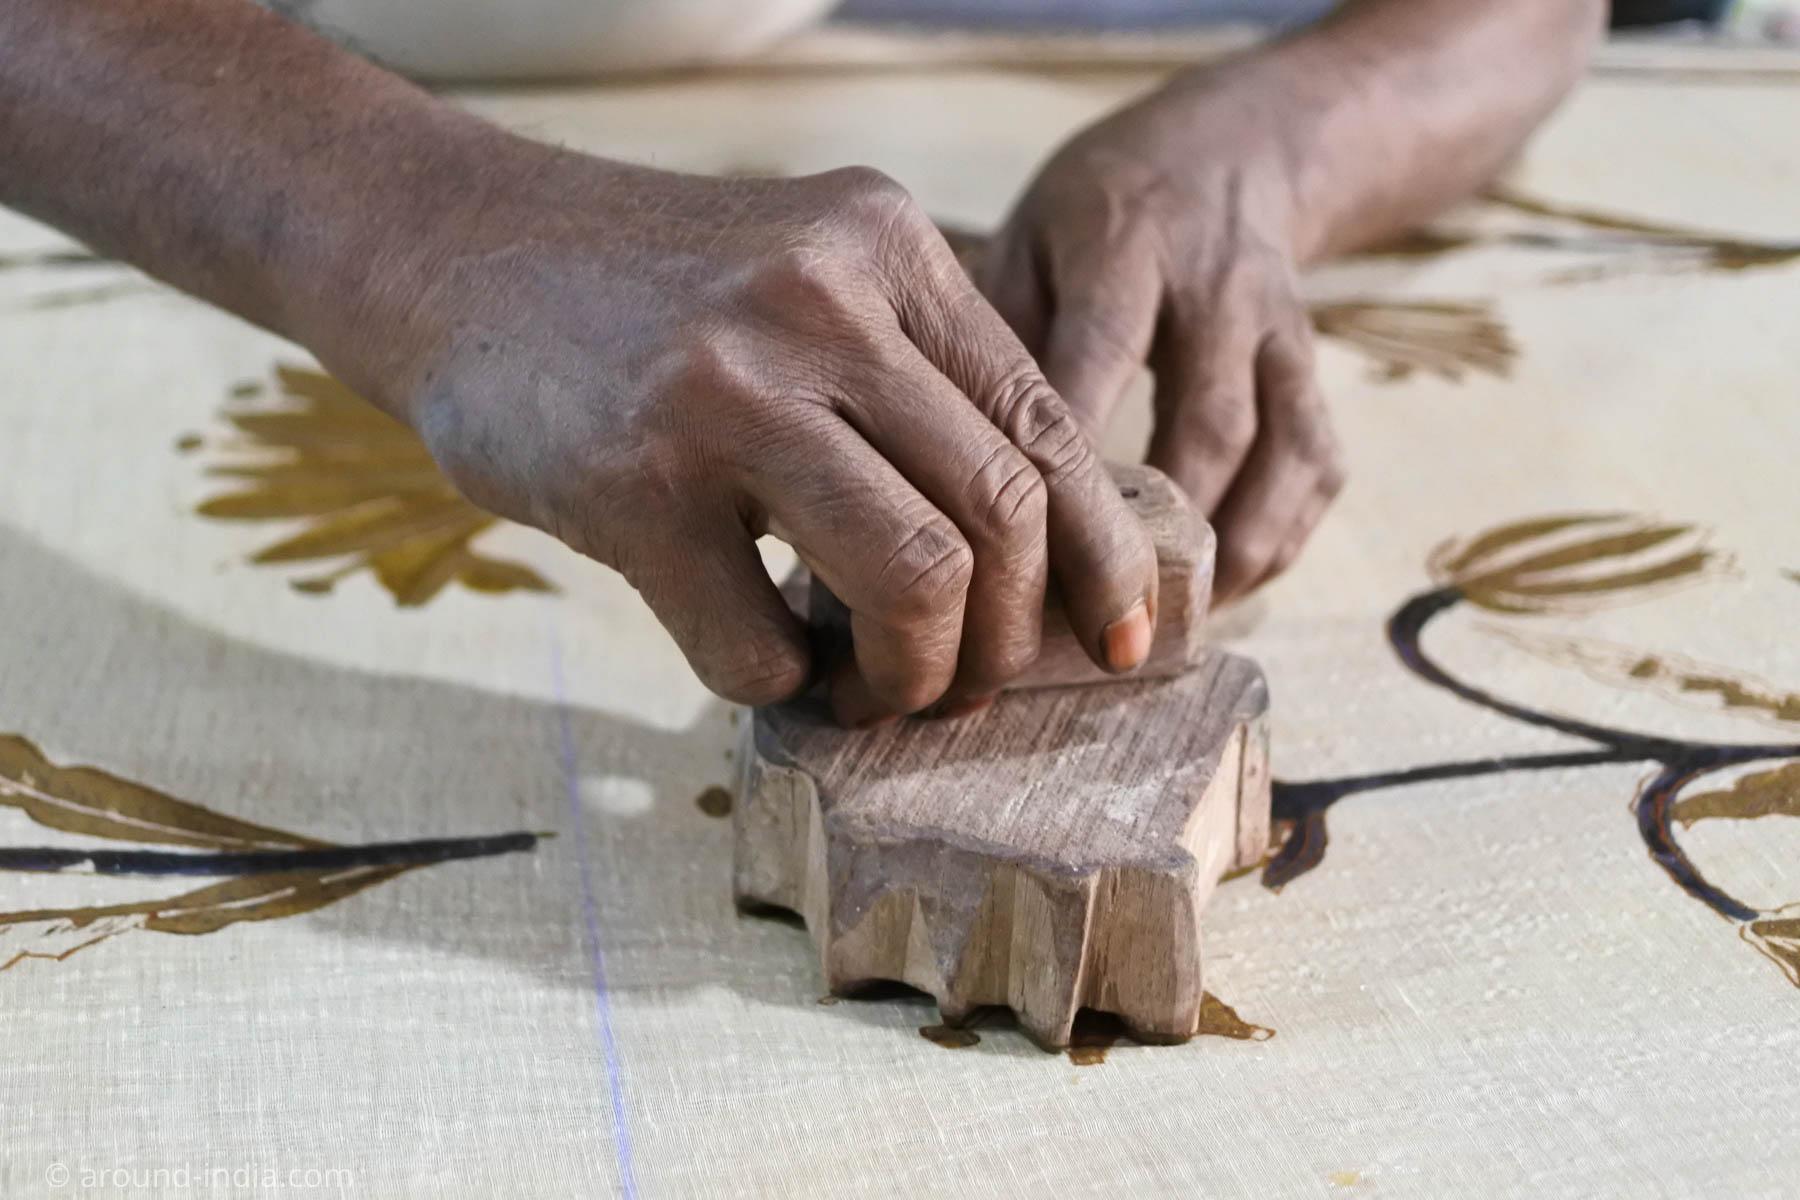 ムンバイ木版プリント工房Pracheen 木版を押しているところ